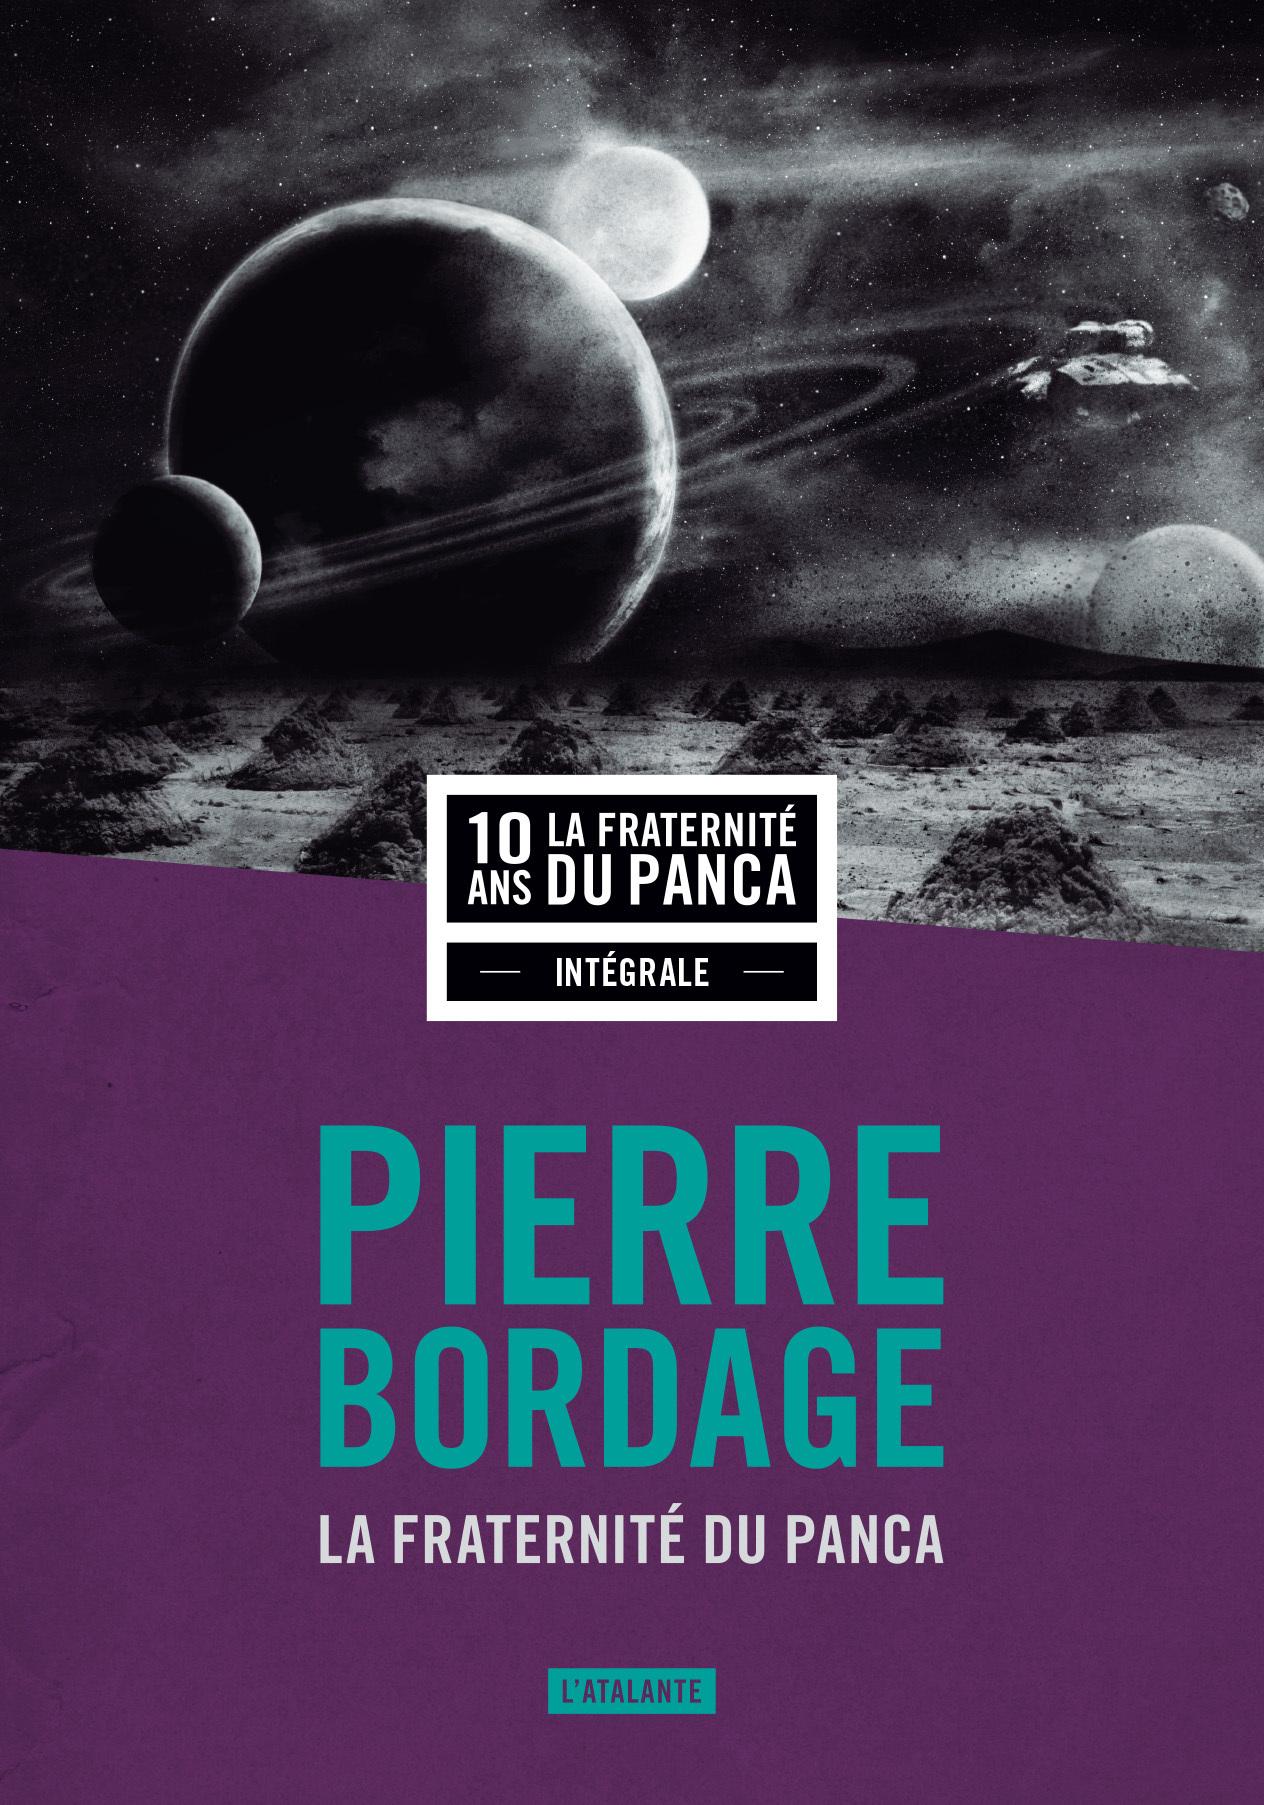 LA FRATERNITE DU PANCA OMNIBUS